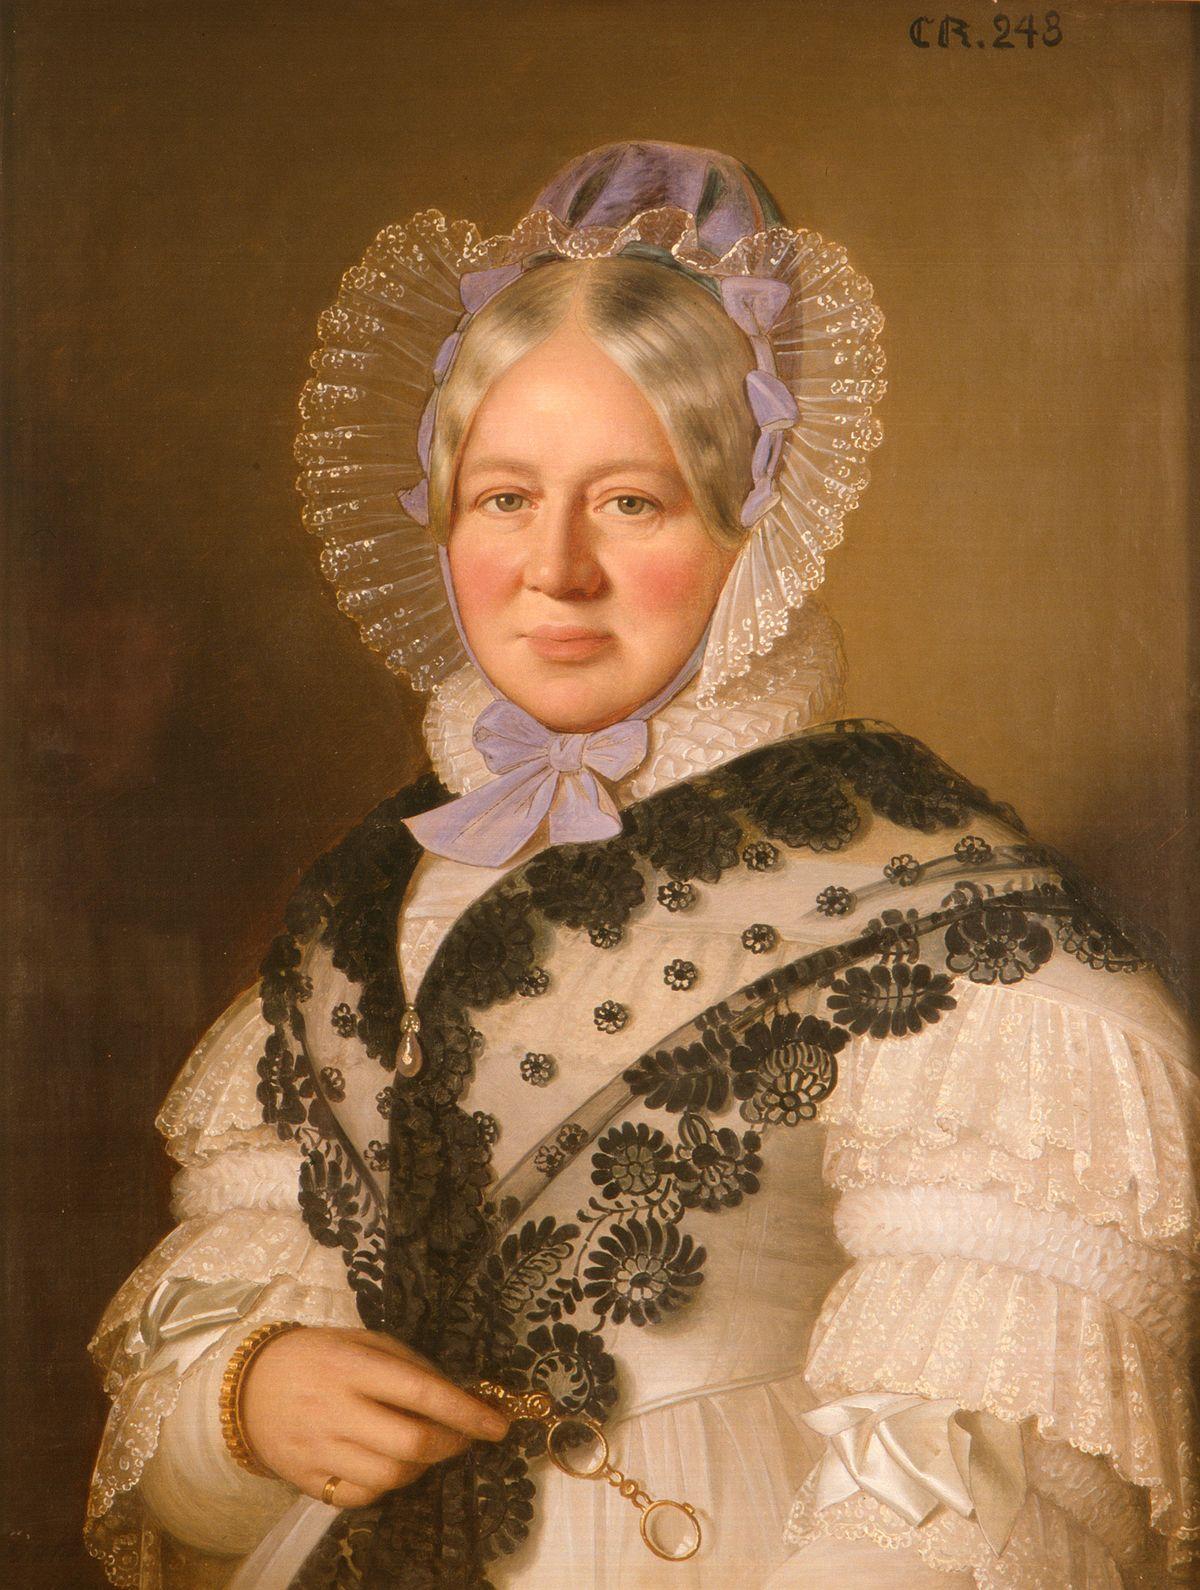 Herzogin Henriette von Württemberg.jpg